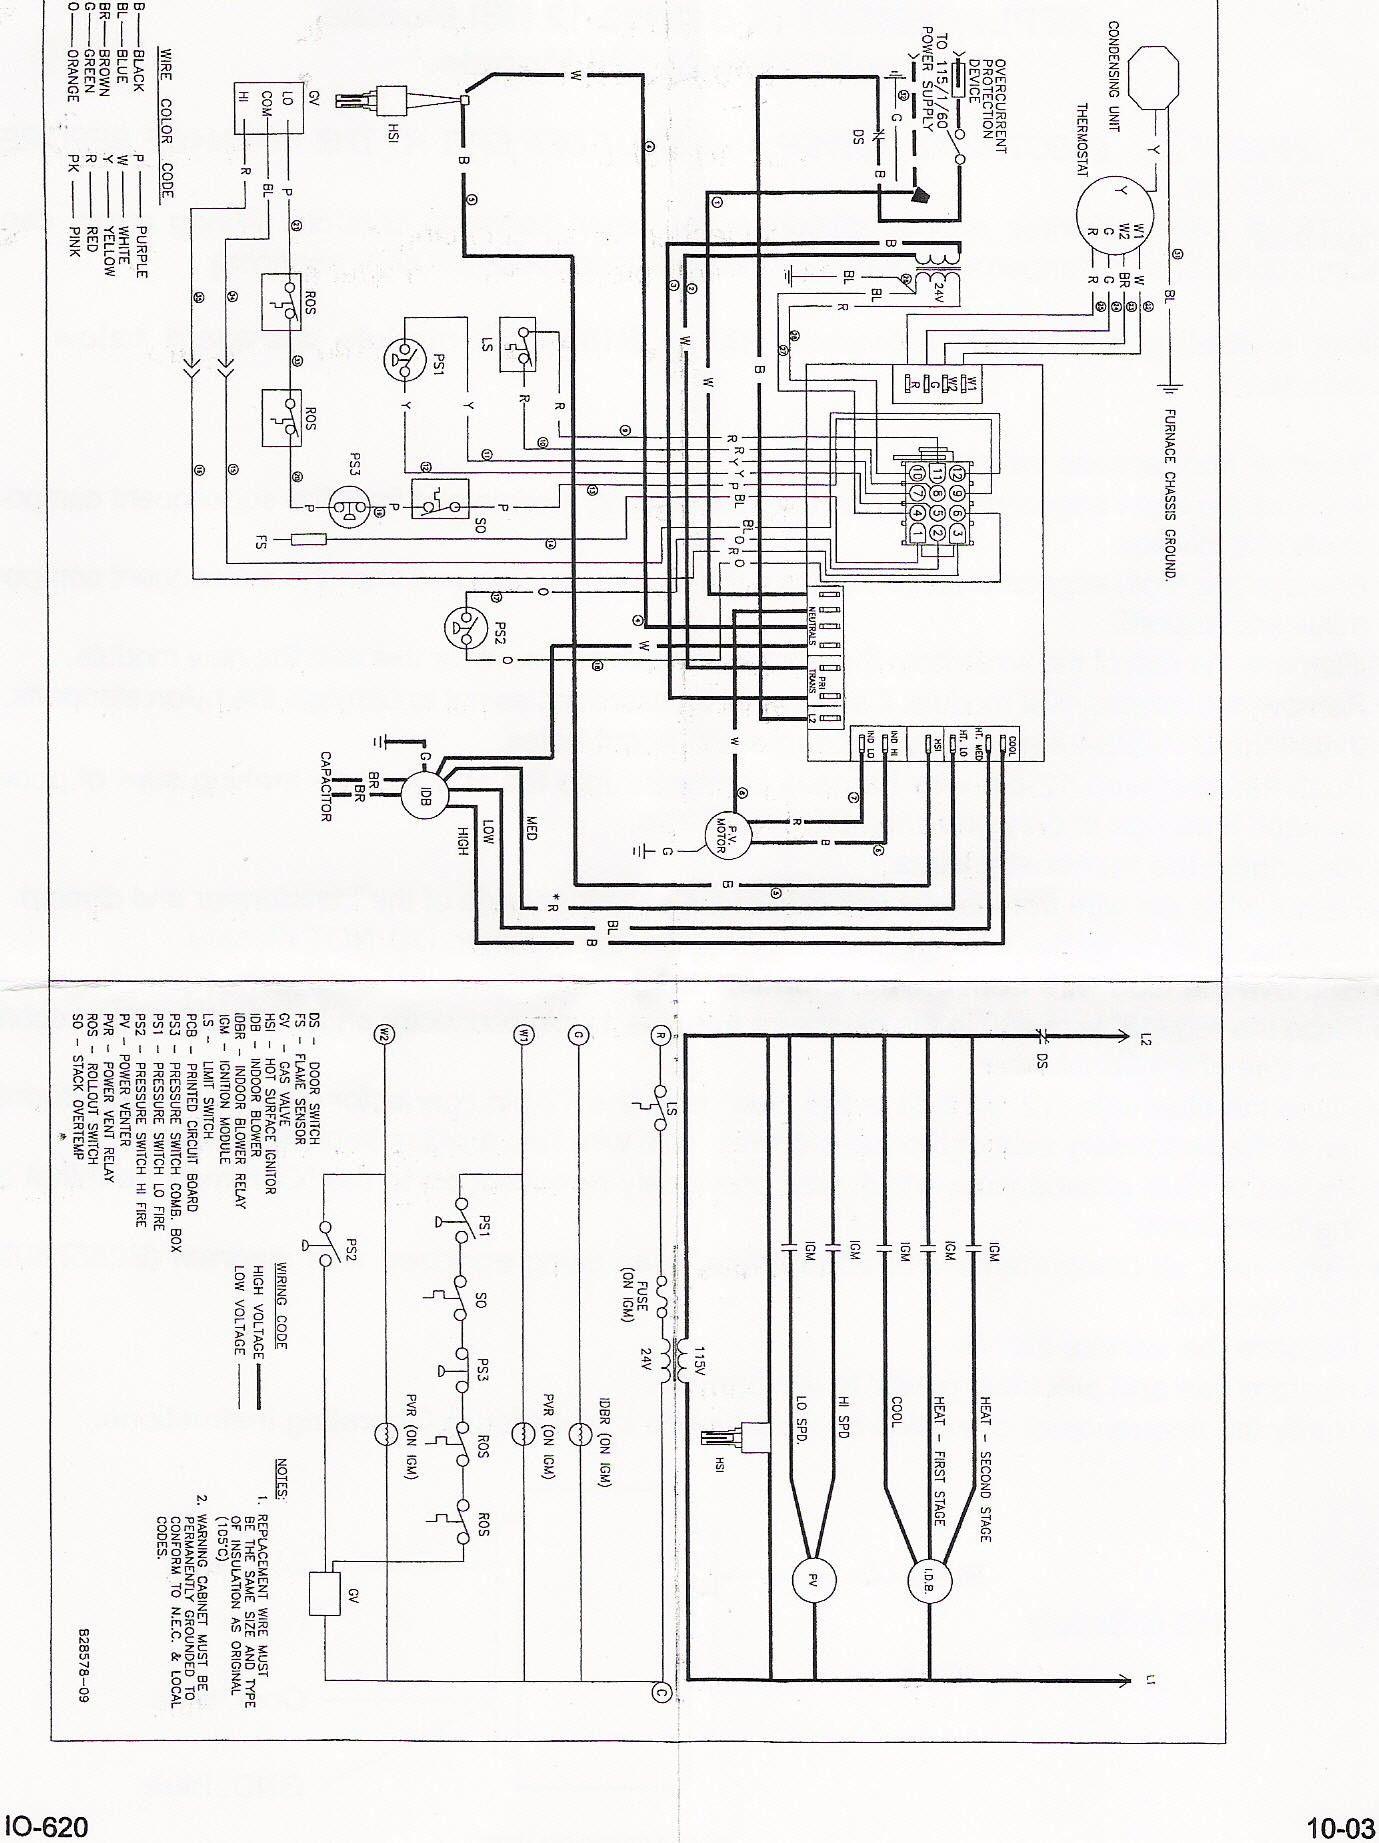 Unique Auto Electrical Diagram Diagram Wiringdiagram Diagramming Diagramm Visuals Visualisation Graphical Electrical Diagram Air Handler Diagram